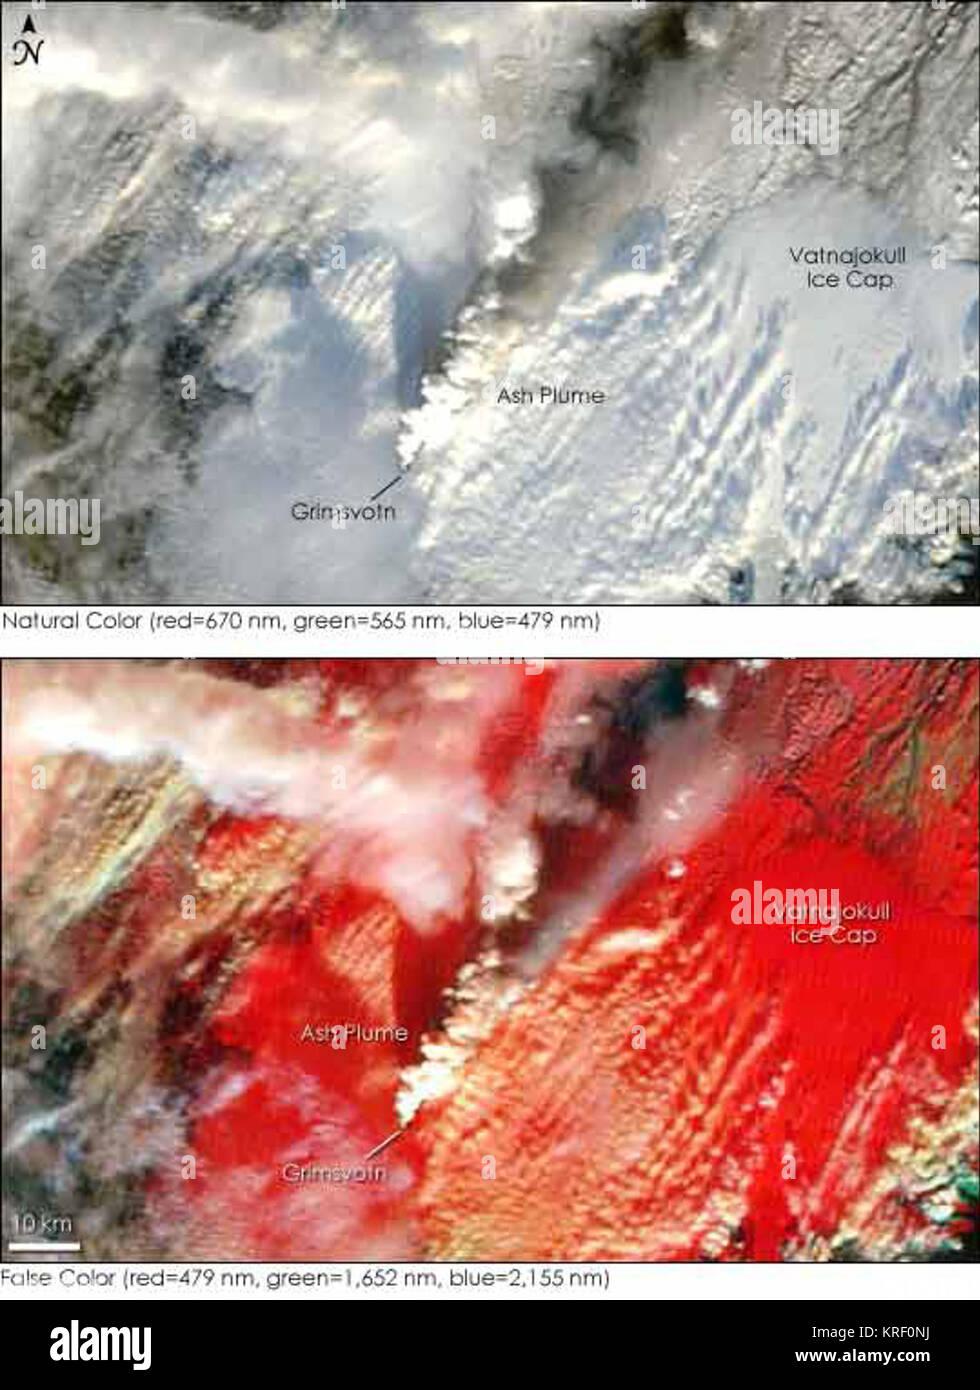 NASA Photo Grímsvötn Nov. 2004 - Stock Image